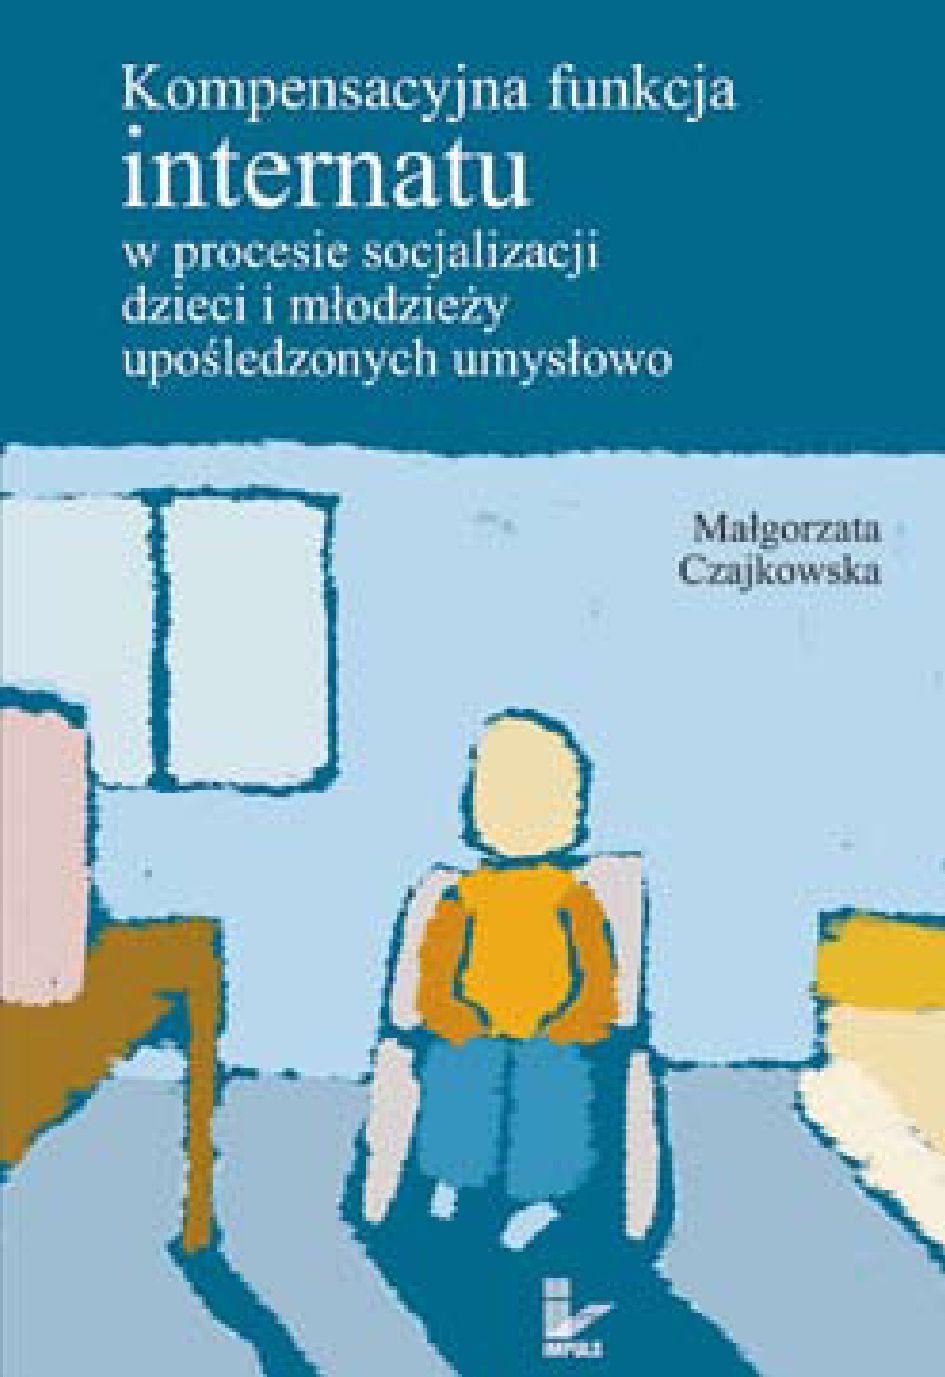 Kompensacyjna funkcja internatu w procesie socjalizacji dzieci i młodzieży upośledzonych umysłowo - Ebook (Książka na Kindle) do pobrania w formacie MOBI